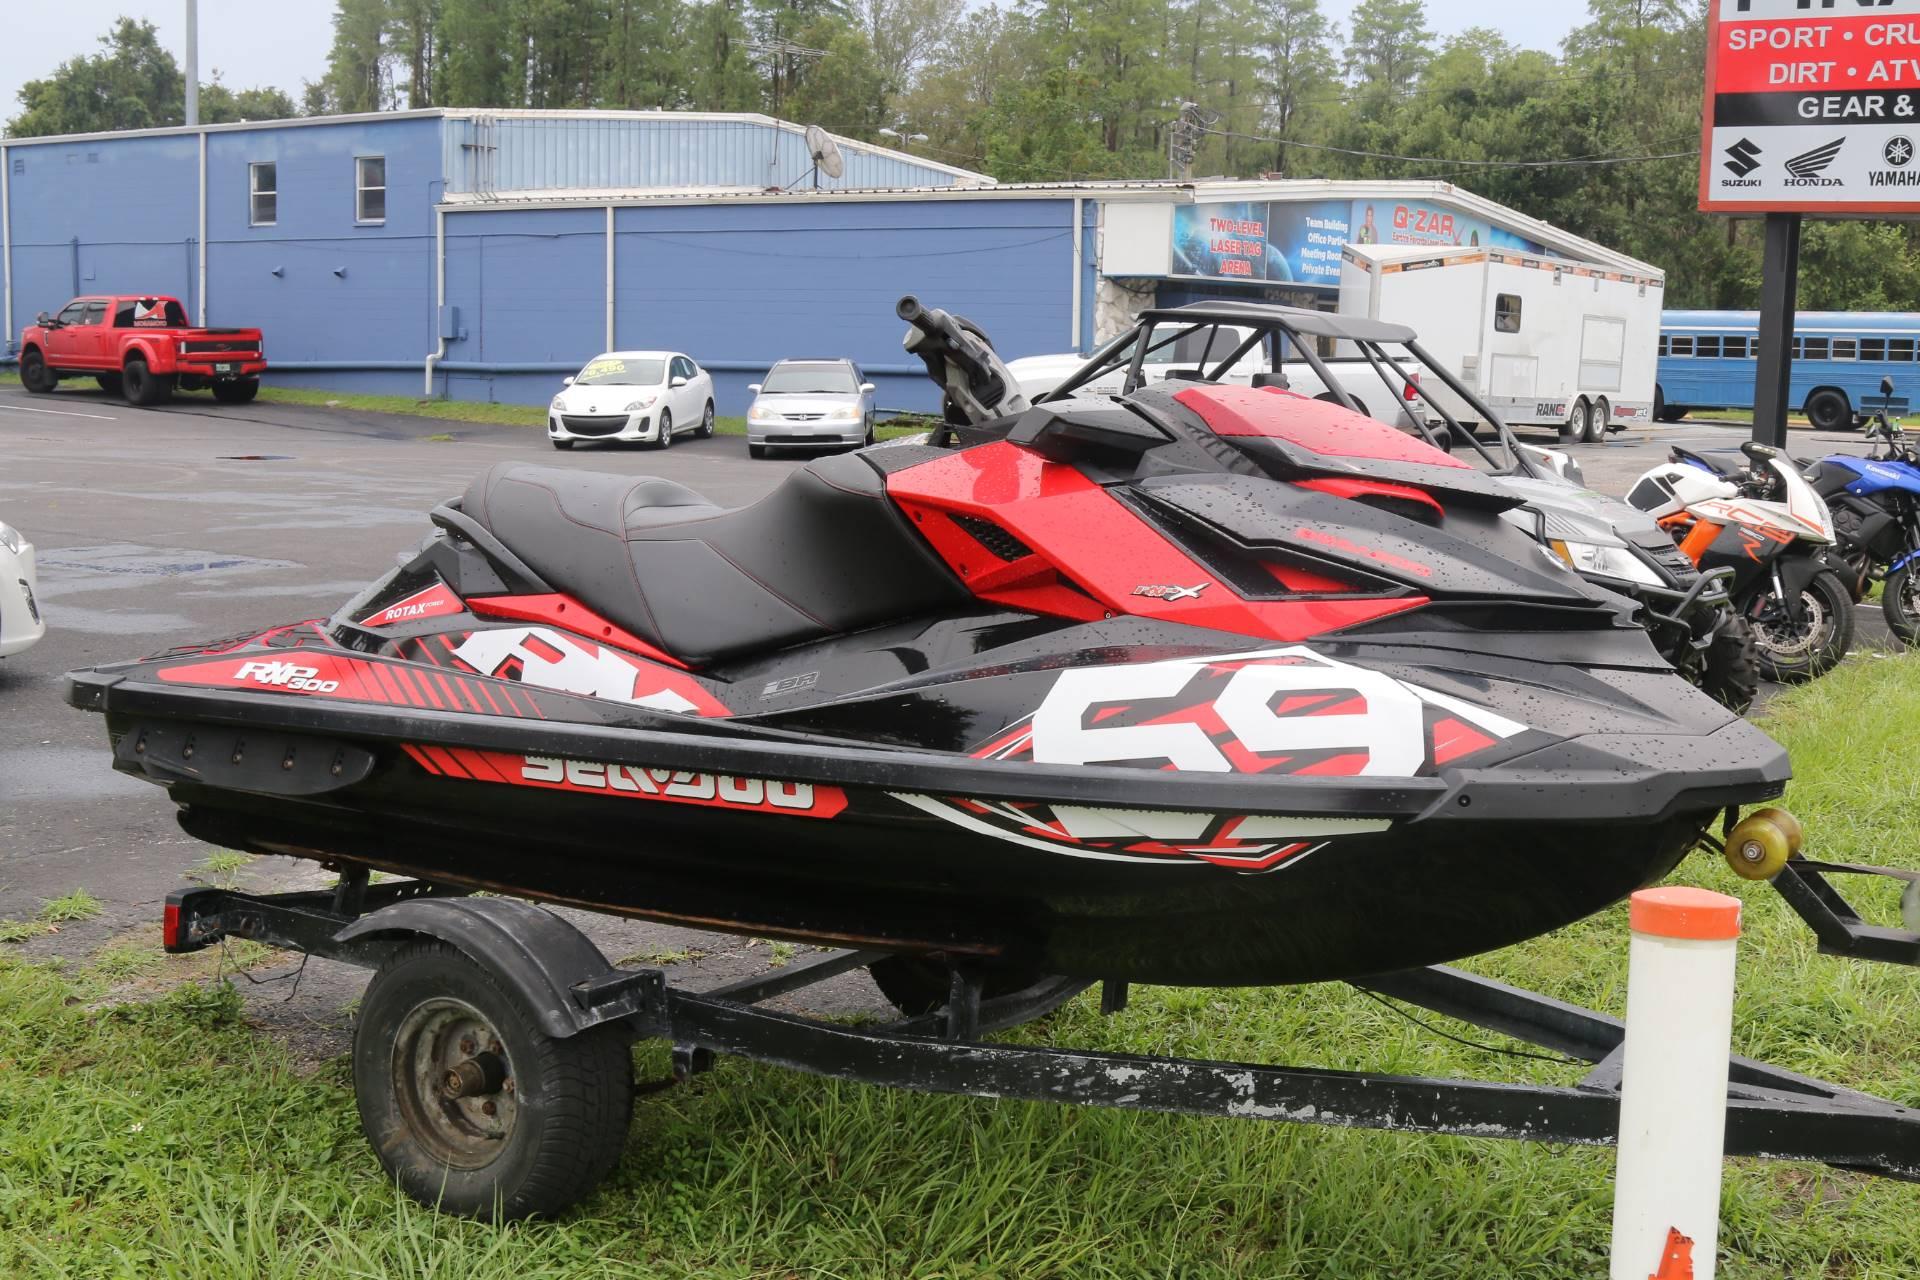 2014 Sea-Doo RXP®-X® 260 in Tampa, Florida